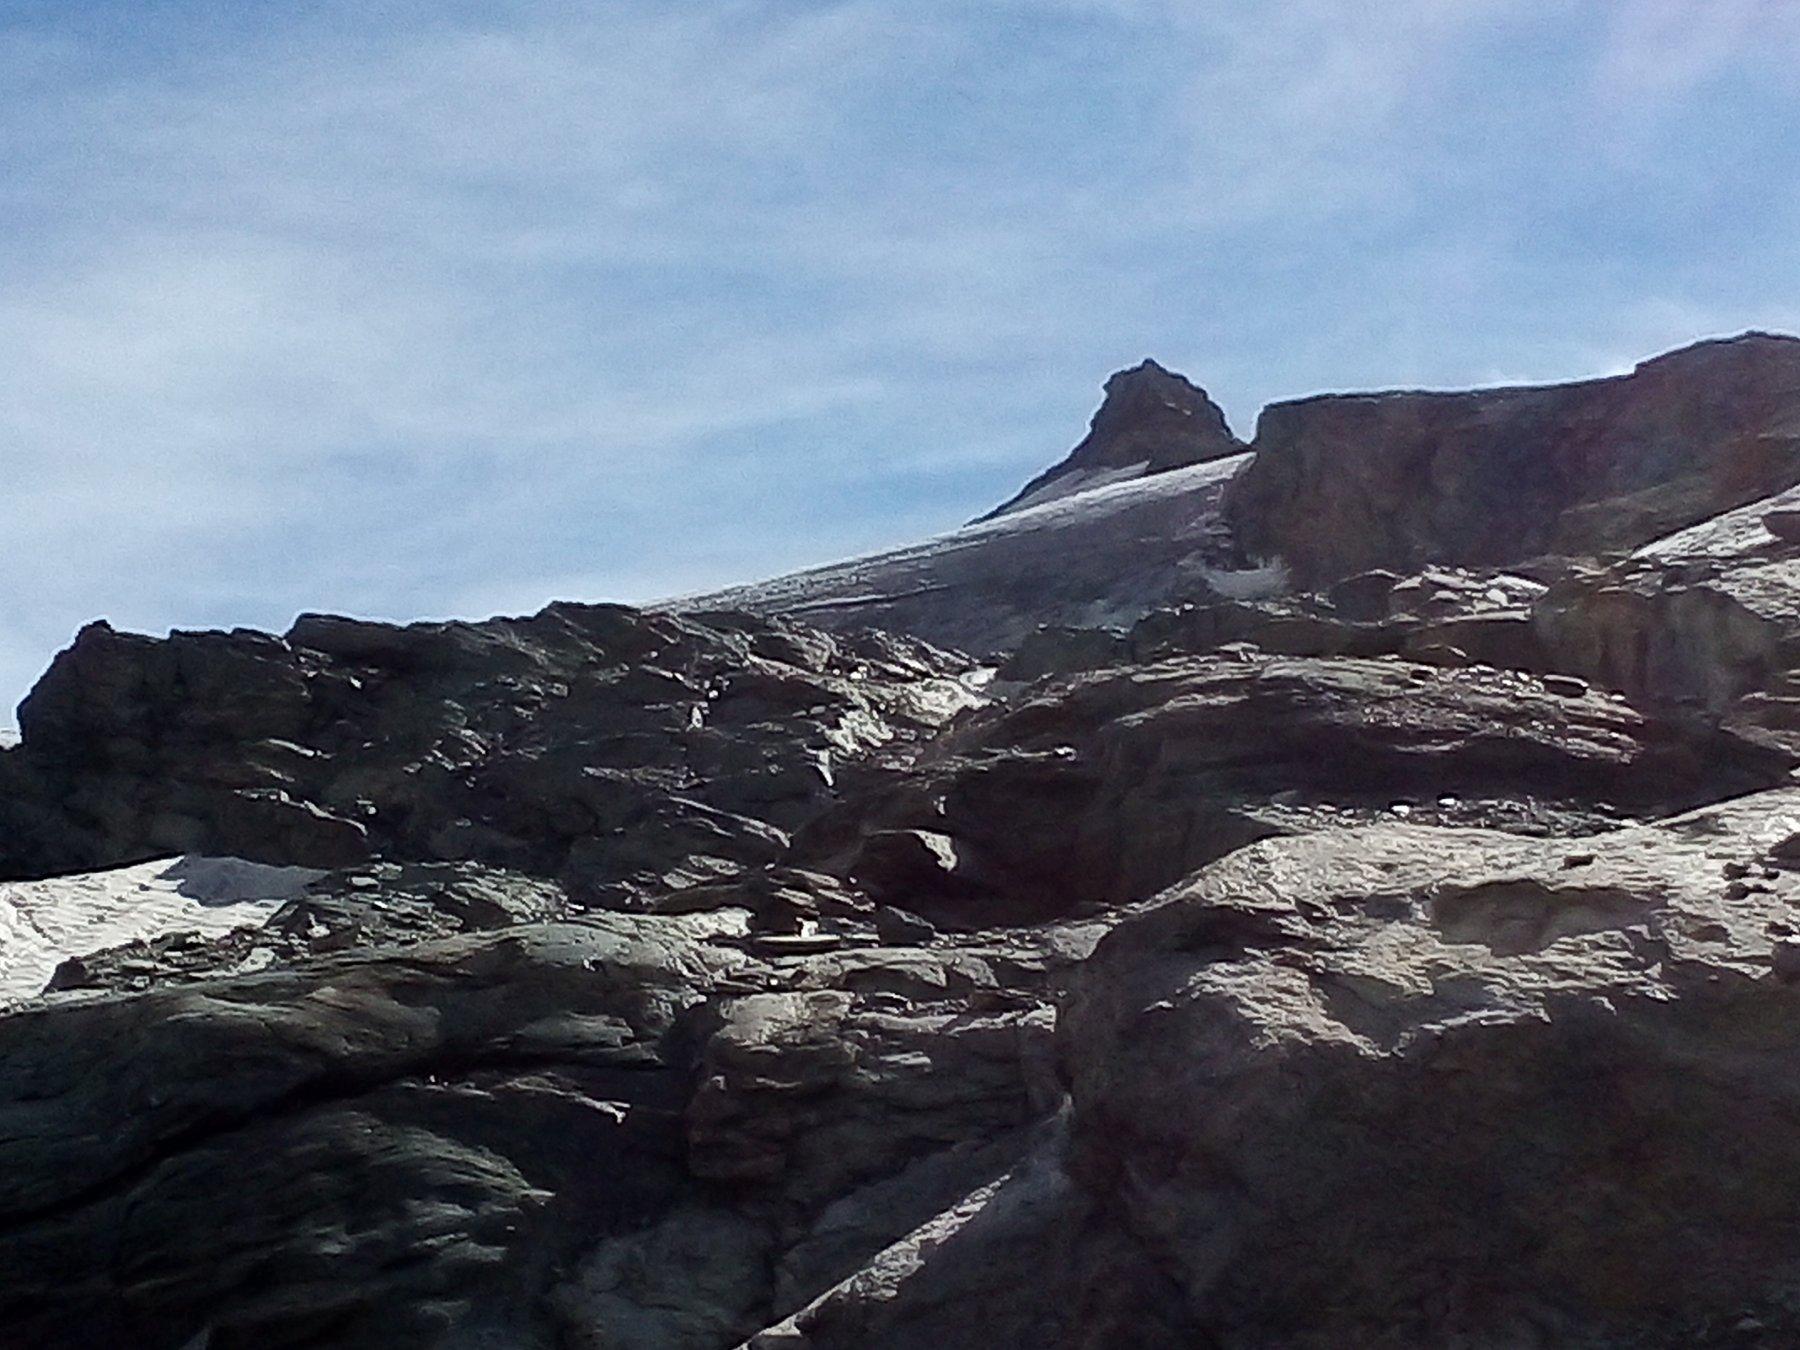 La cima poco prima dell'arrivo in cresta.